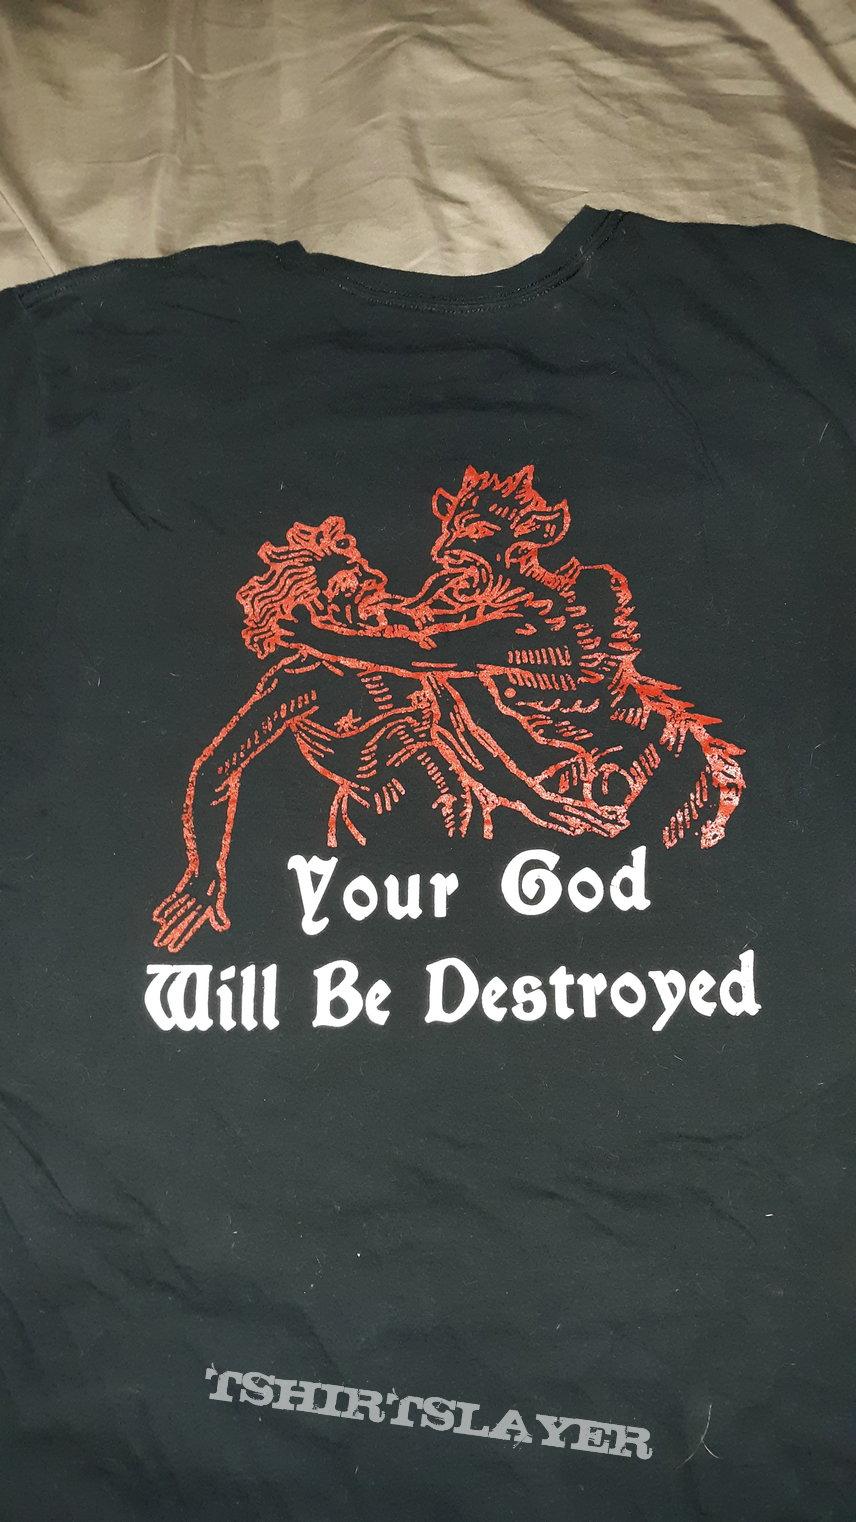 Sadistic Intent shirt